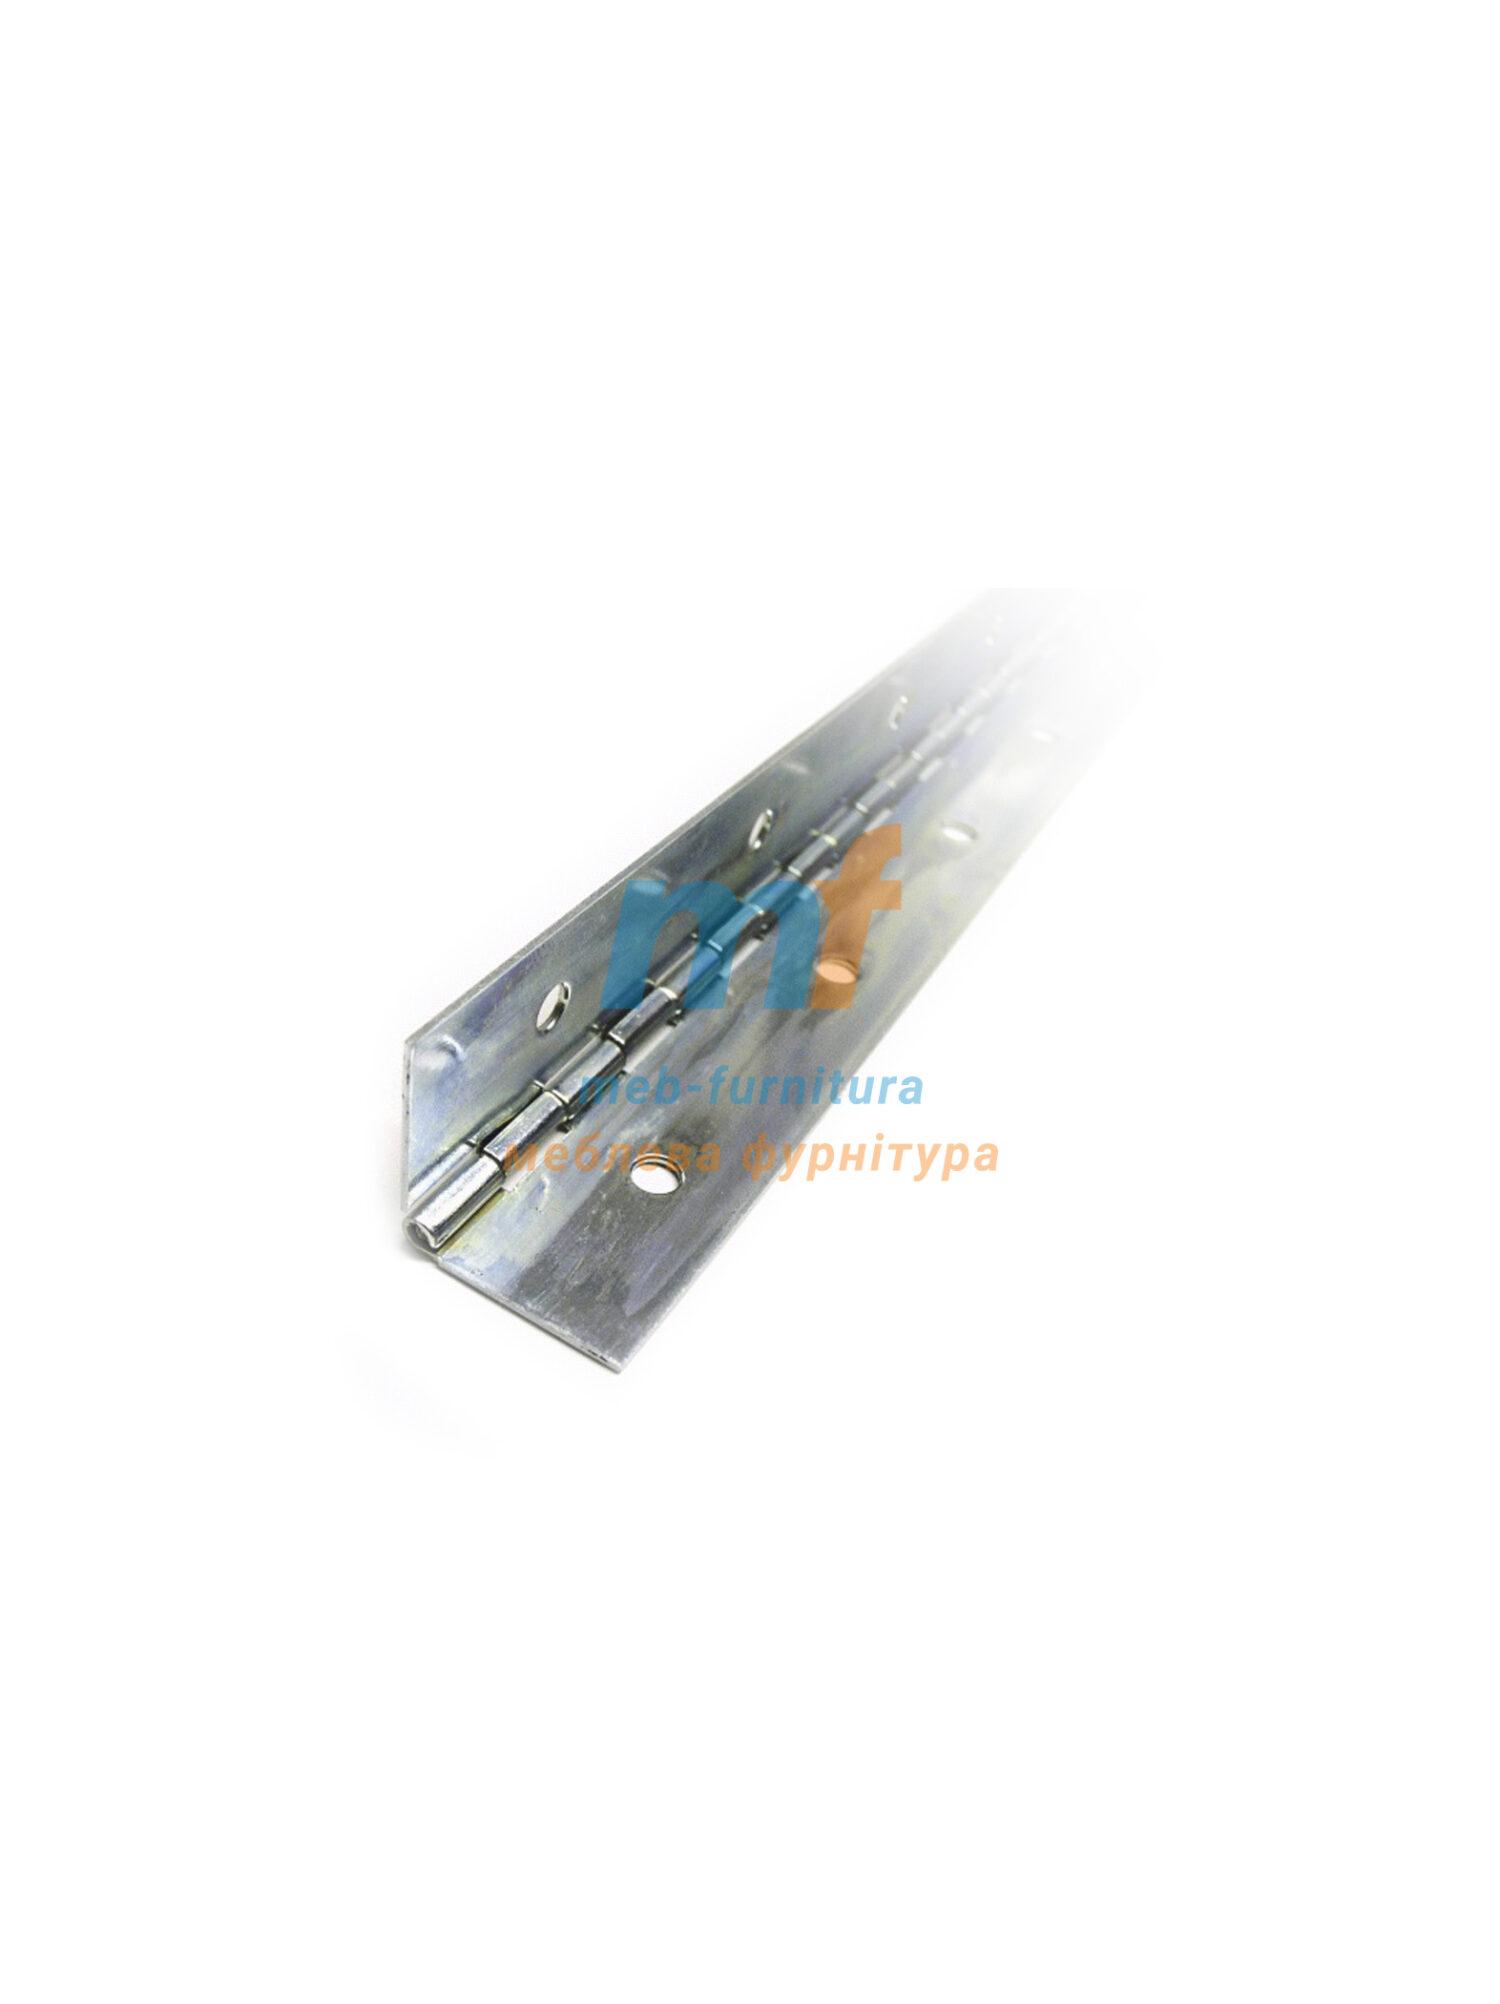 Петля рояльная нержавейка 0,90мм